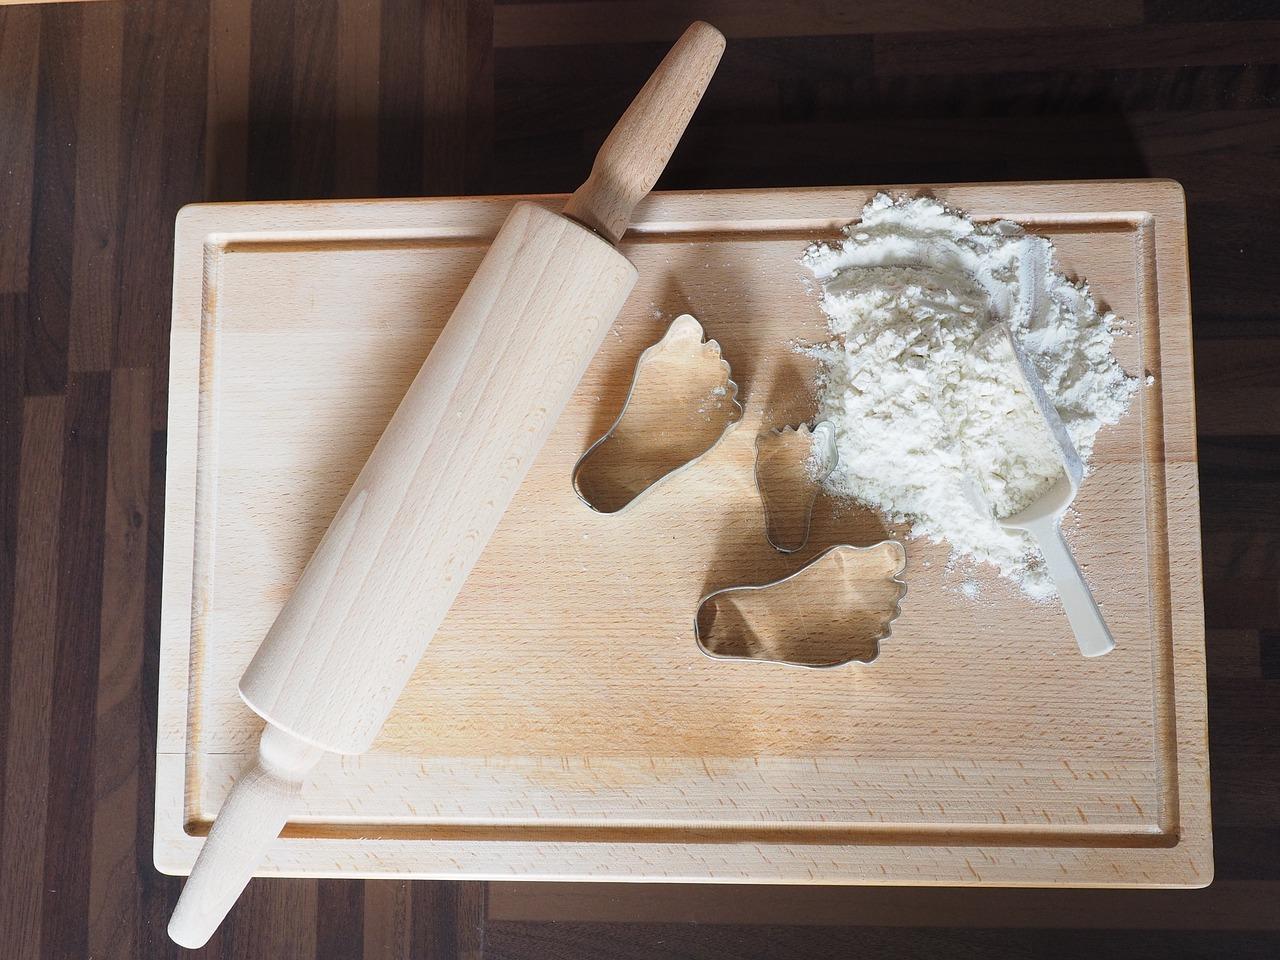 Kokosmehl - die gesunde Alternative zum backen